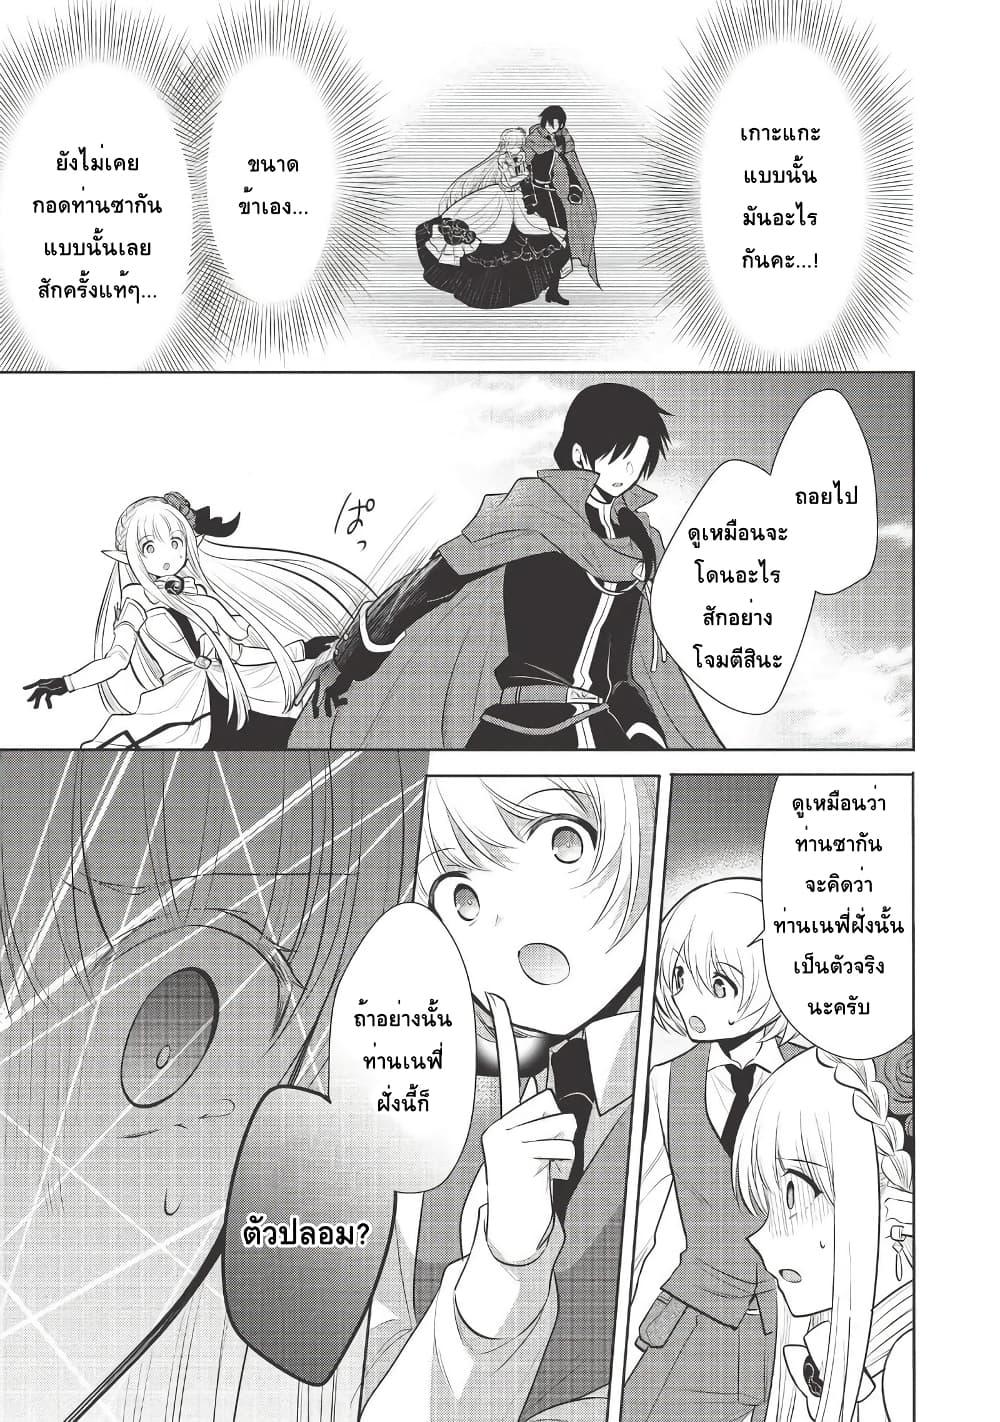 อ่านการ์ตูน Maou no Ore ga Dorei Elf wo Yome ni Shitanda ga Dou Medereba Ii ตอนที่ 29 หน้าที่ 23